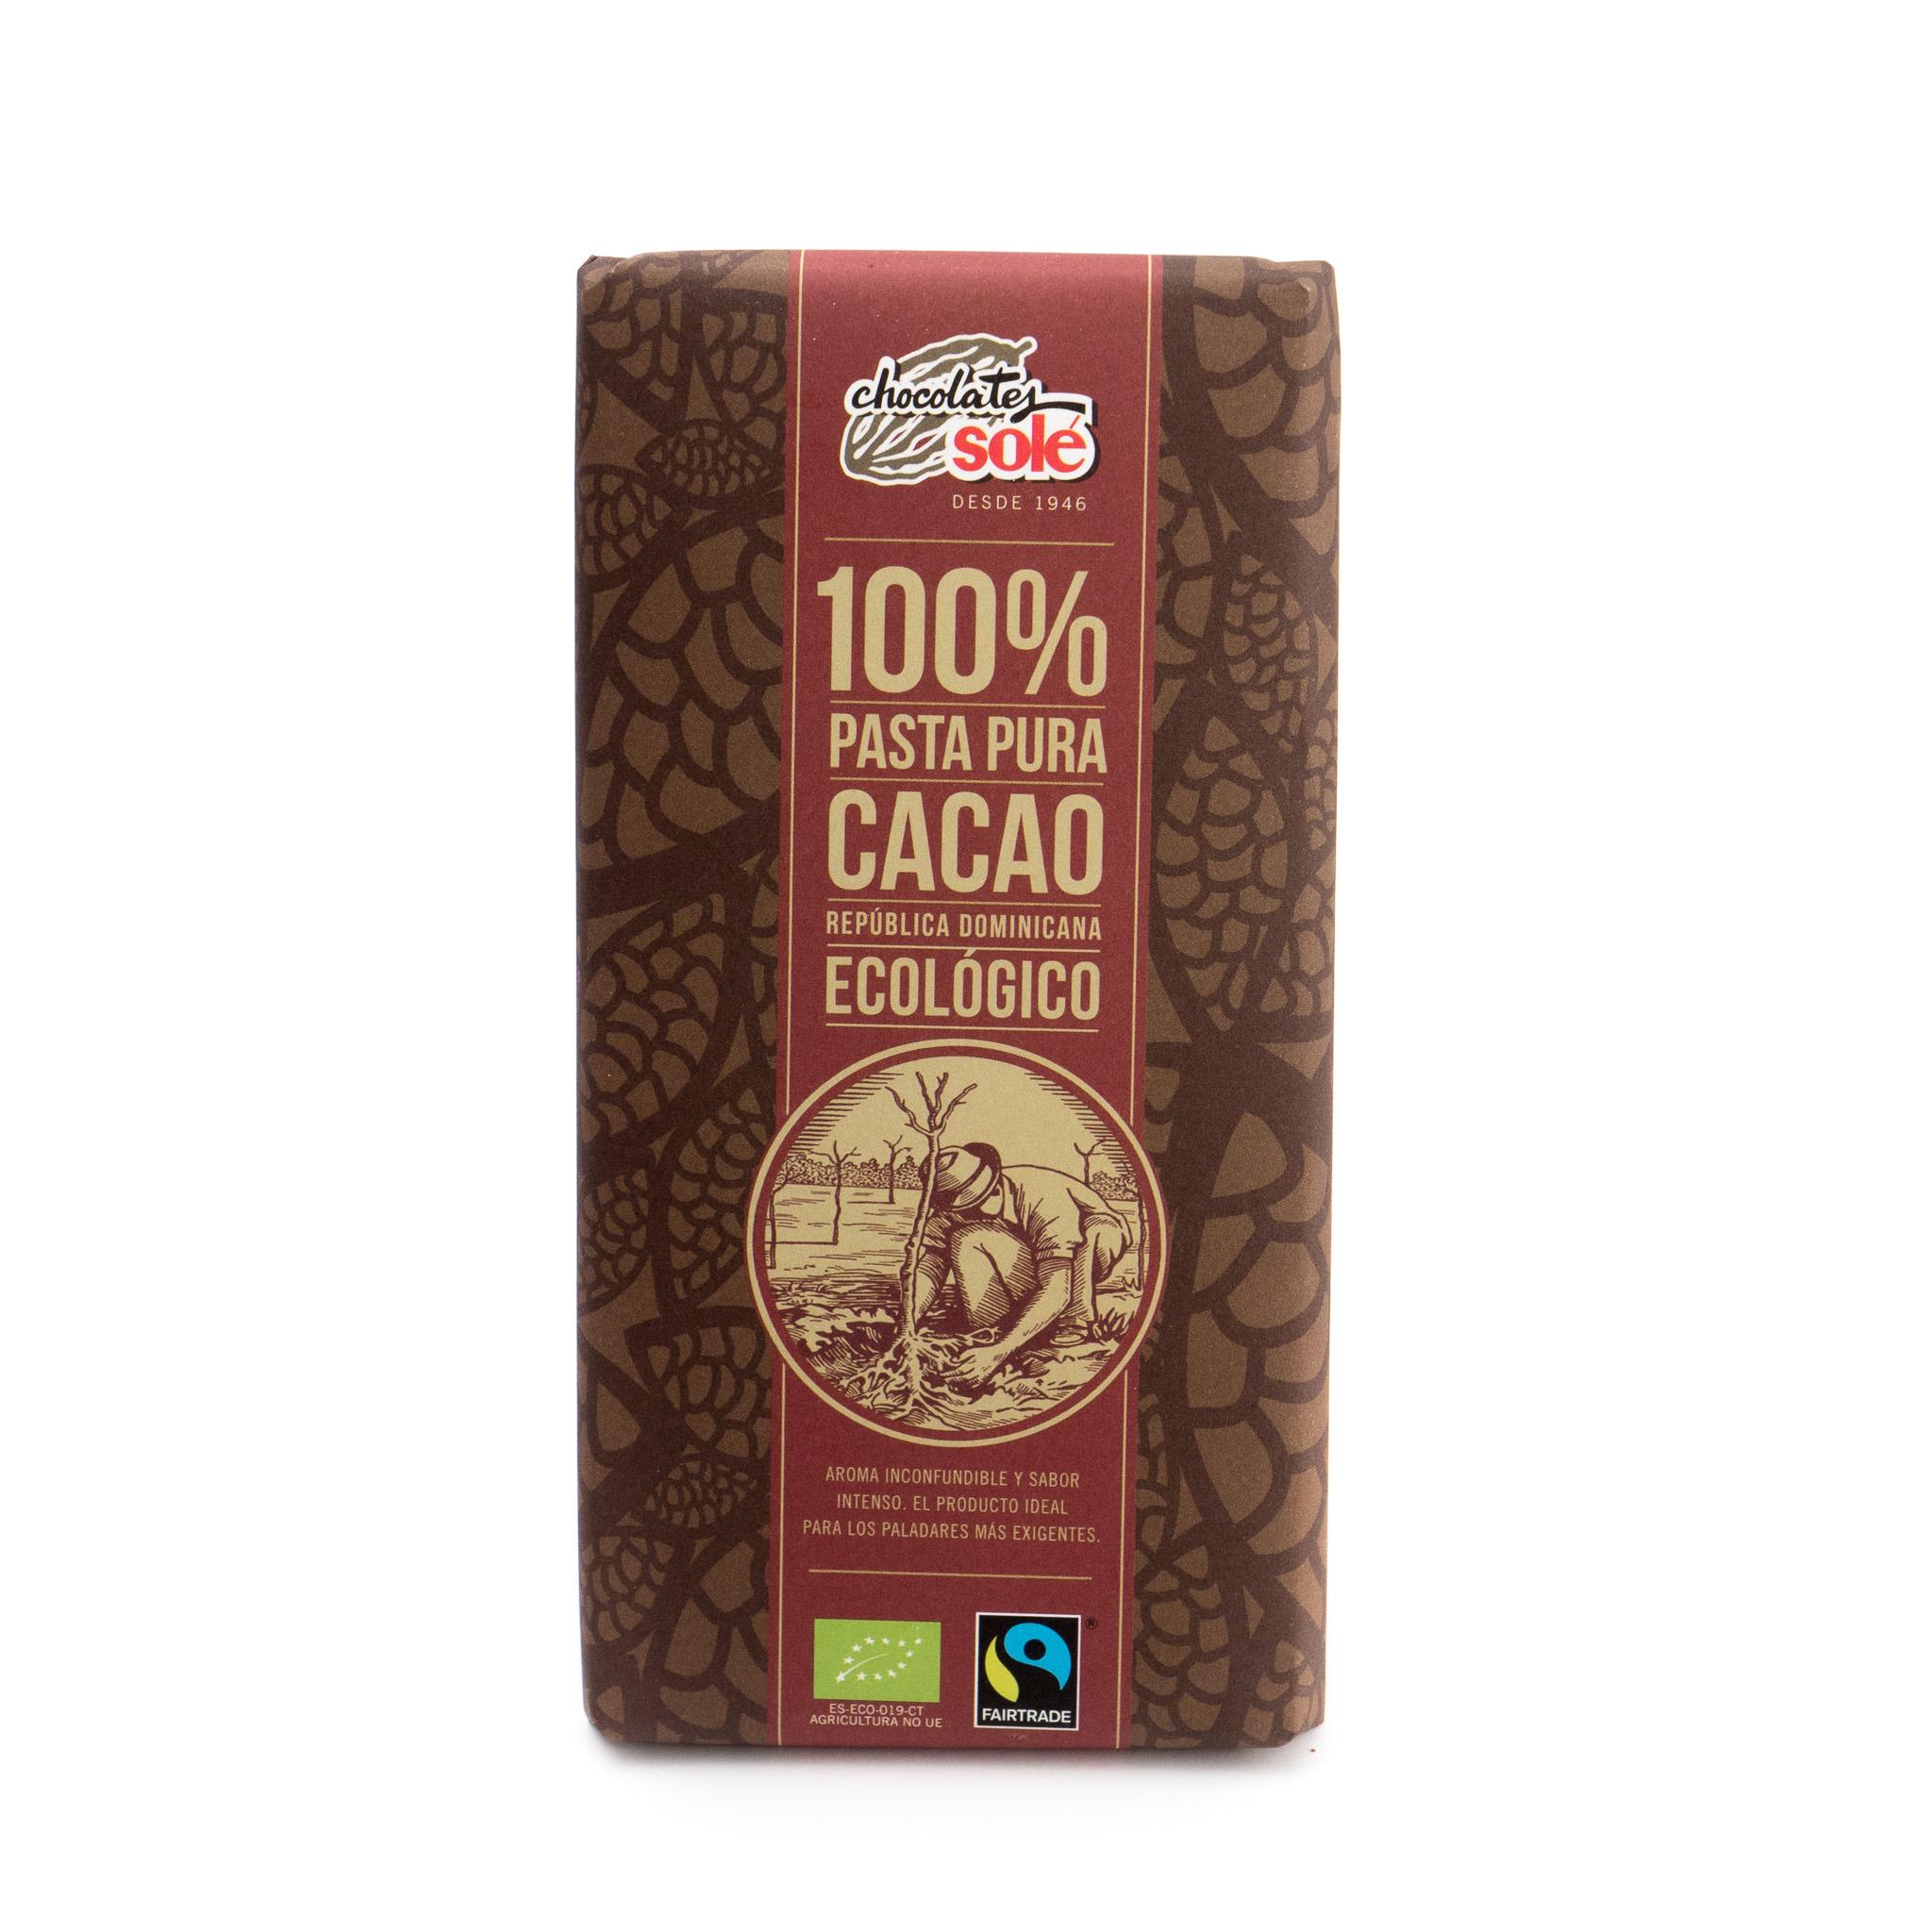 Chocolate negro 100% ecológico